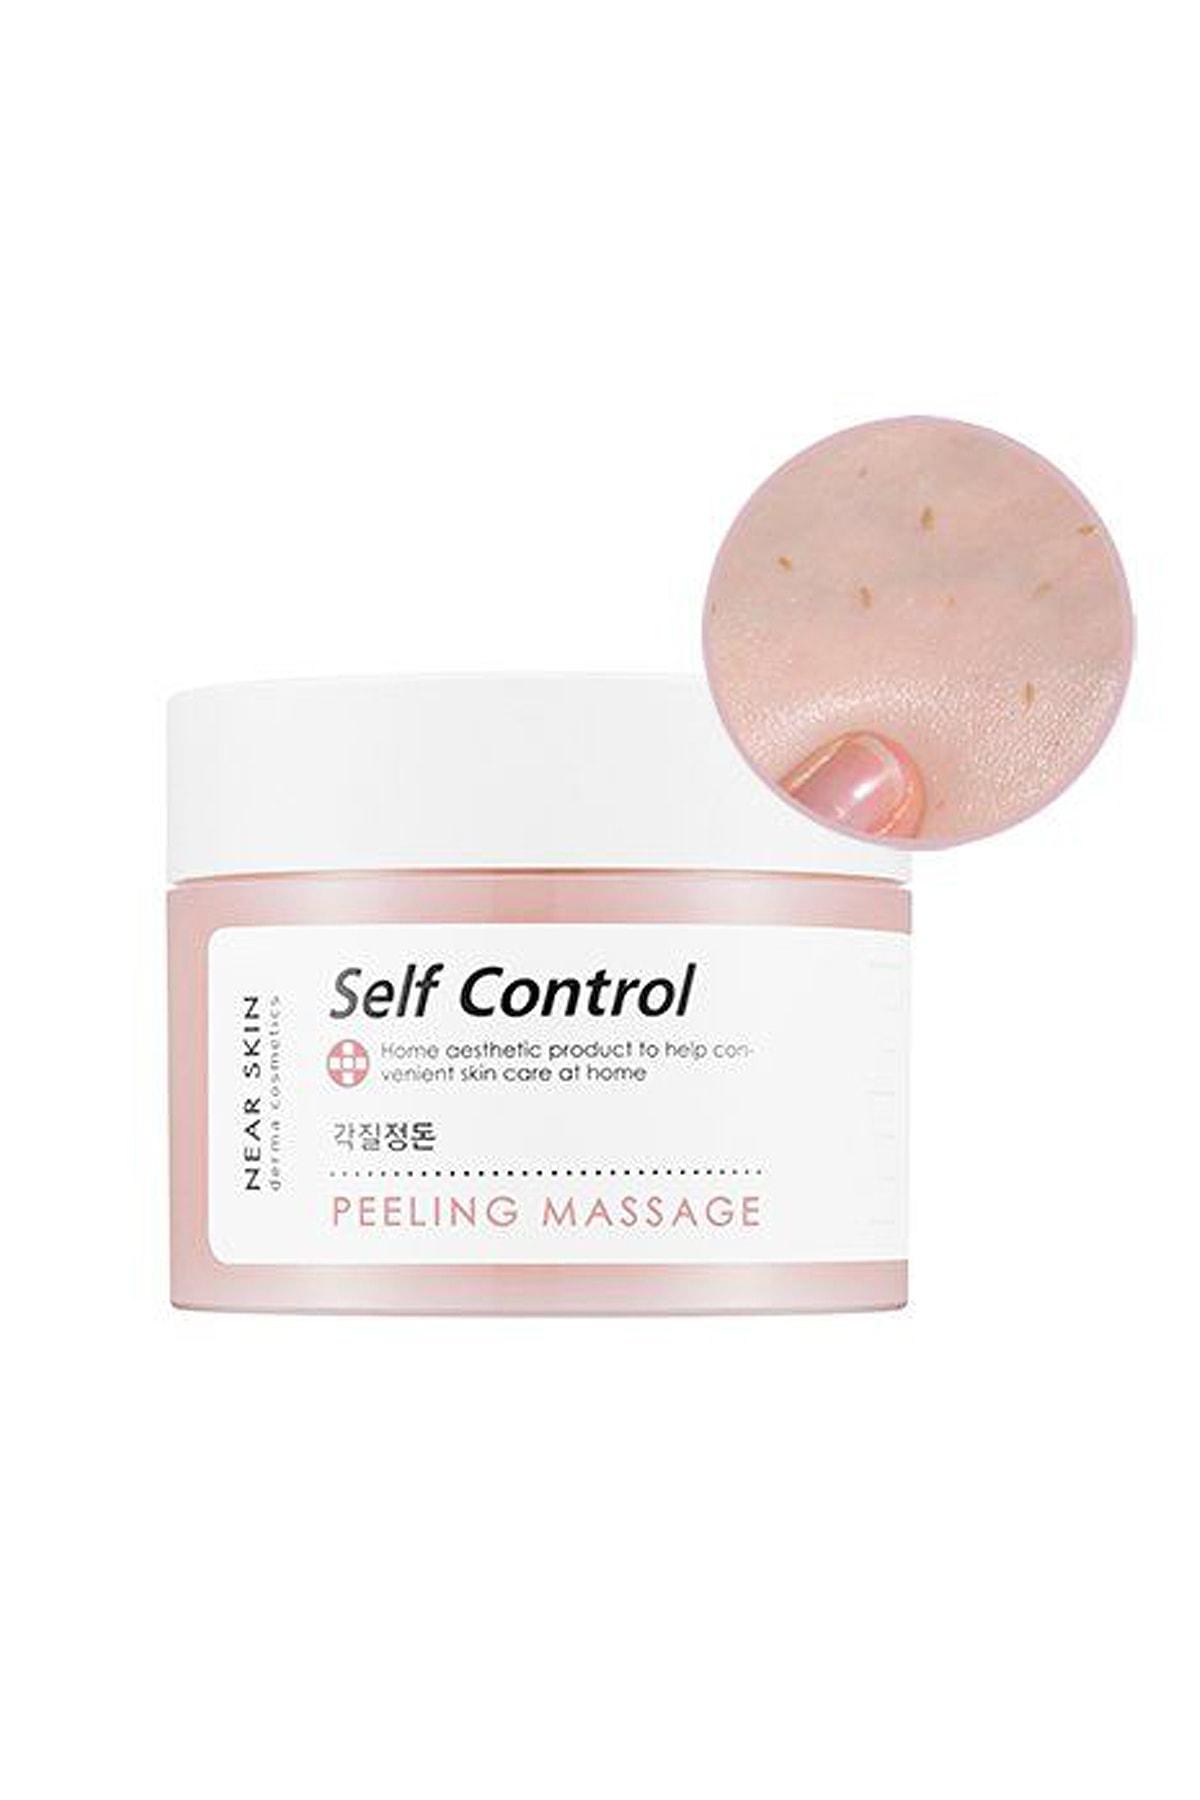 Missha Mıssha Pürüzsüz Aydınlık Görünüm Sunan Peeling Near Skin Self Control Peeling Massage 8809530047842 1